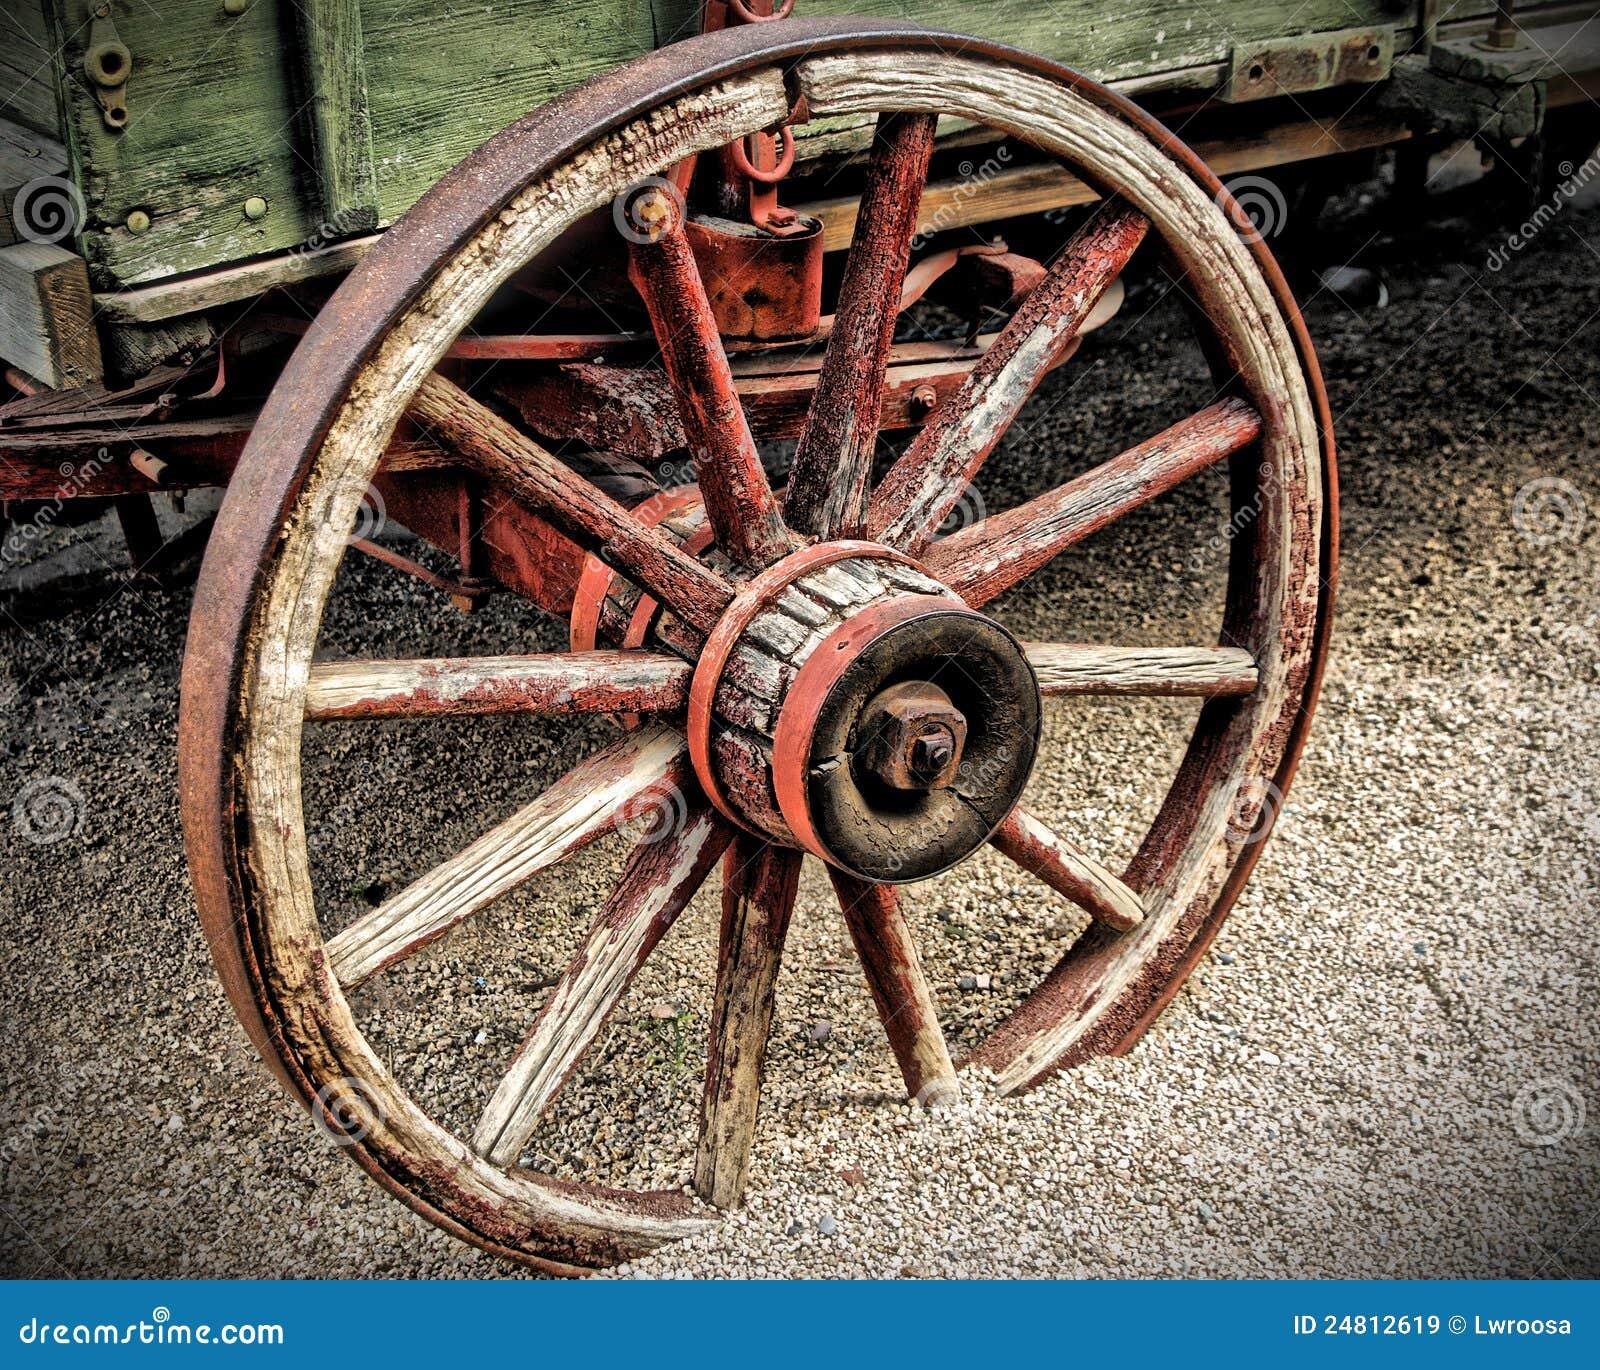 Wagon Wheel in HDR